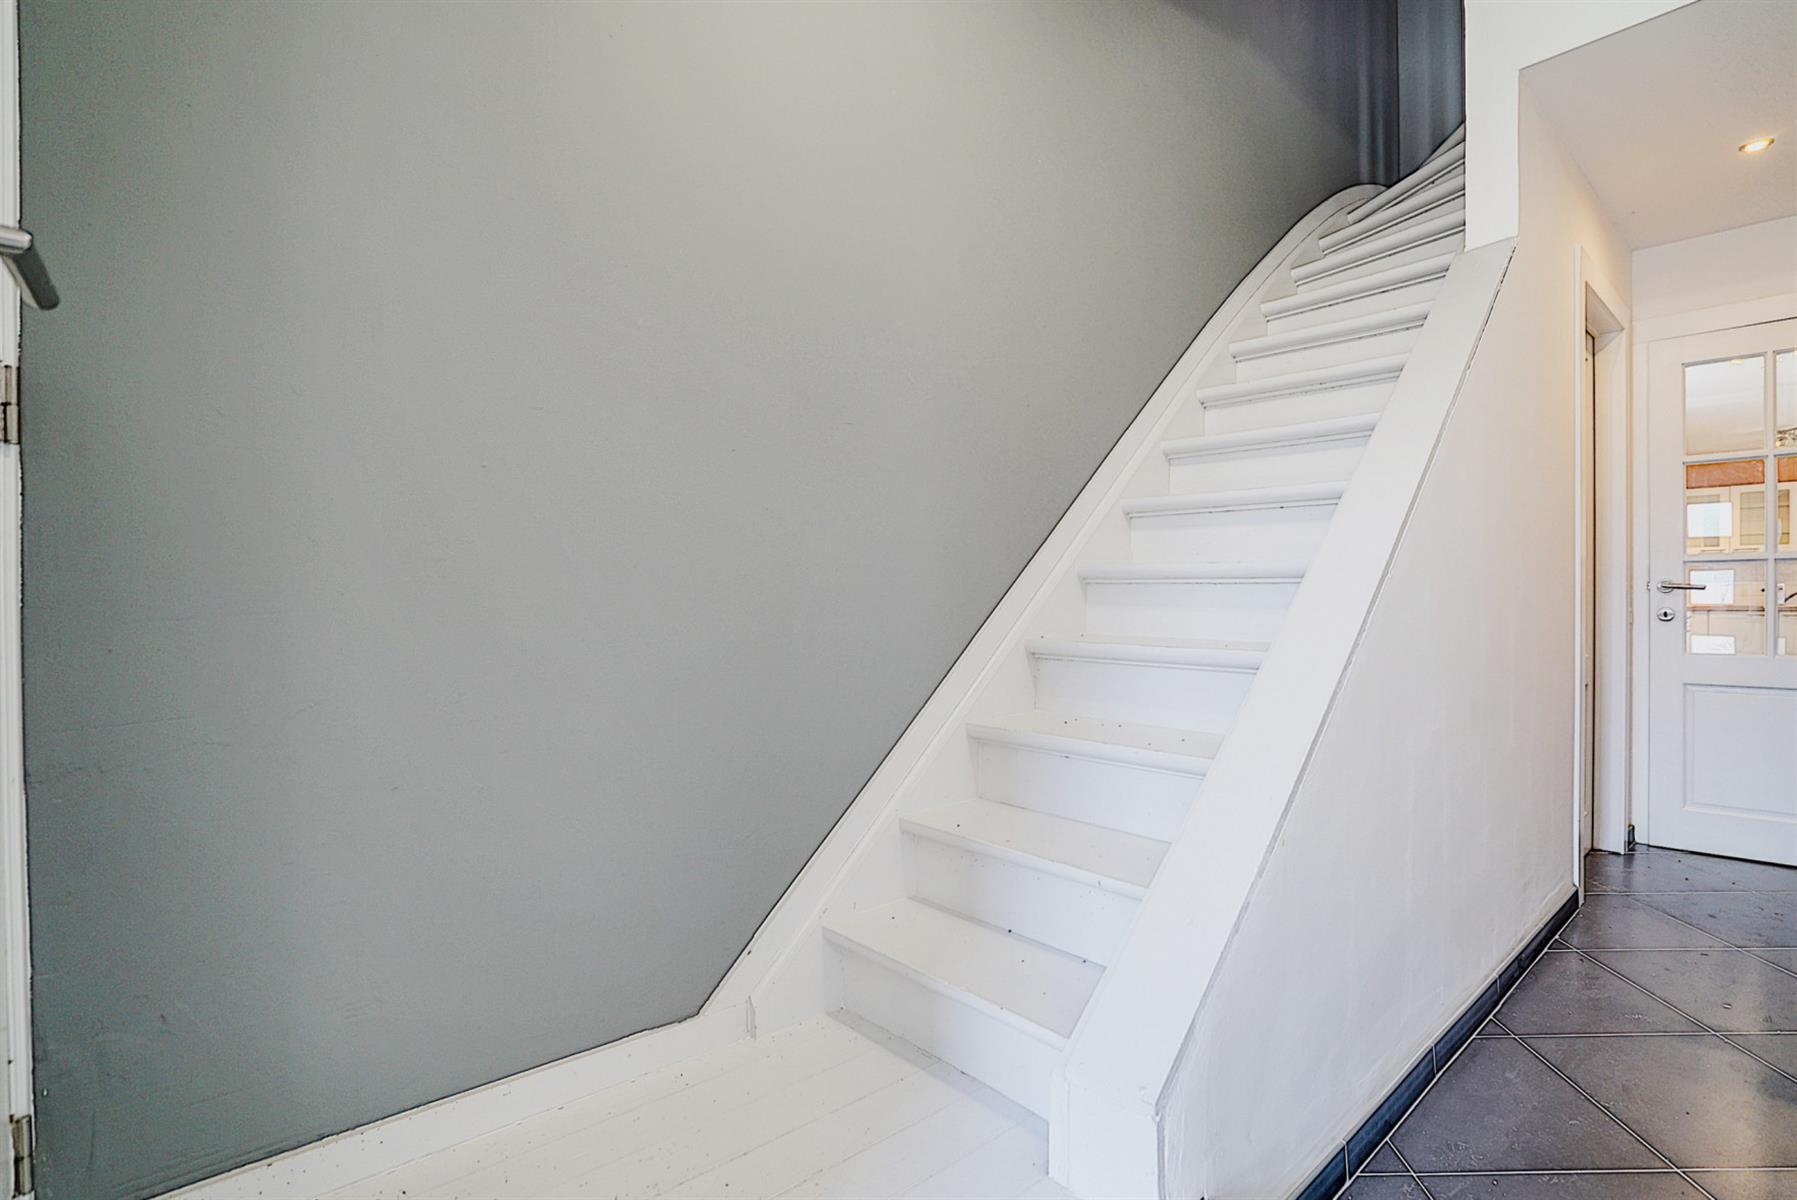 Maison - Mont-saint-guibert - #4326109-9